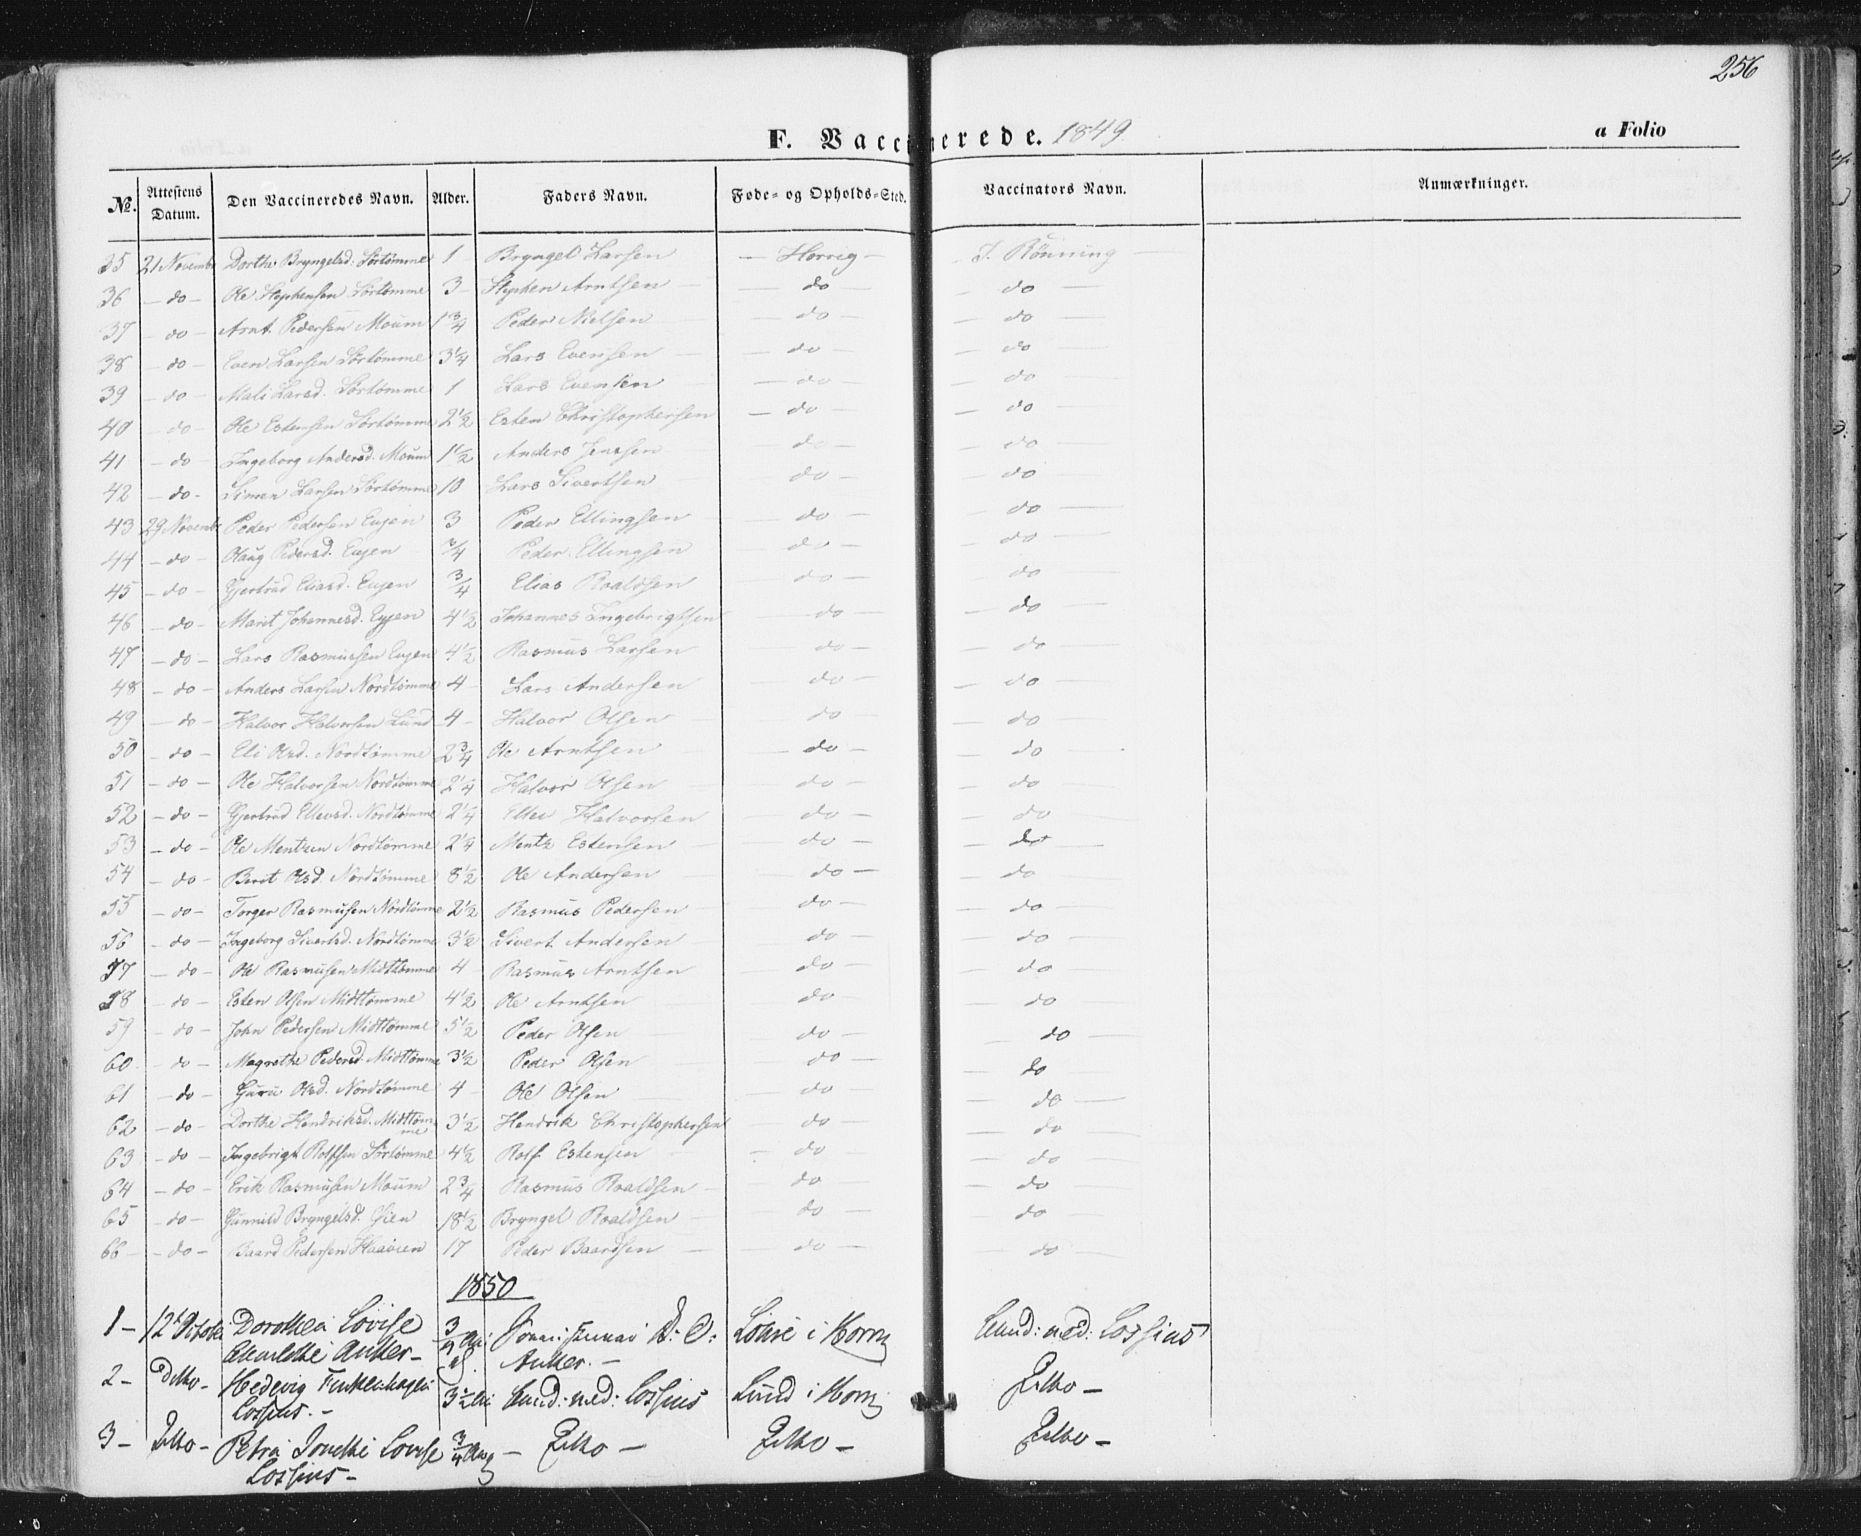 SAT, Ministerialprotokoller, klokkerbøker og fødselsregistre - Sør-Trøndelag, 692/L1103: Ministerialbok nr. 692A03, 1849-1870, s. 256